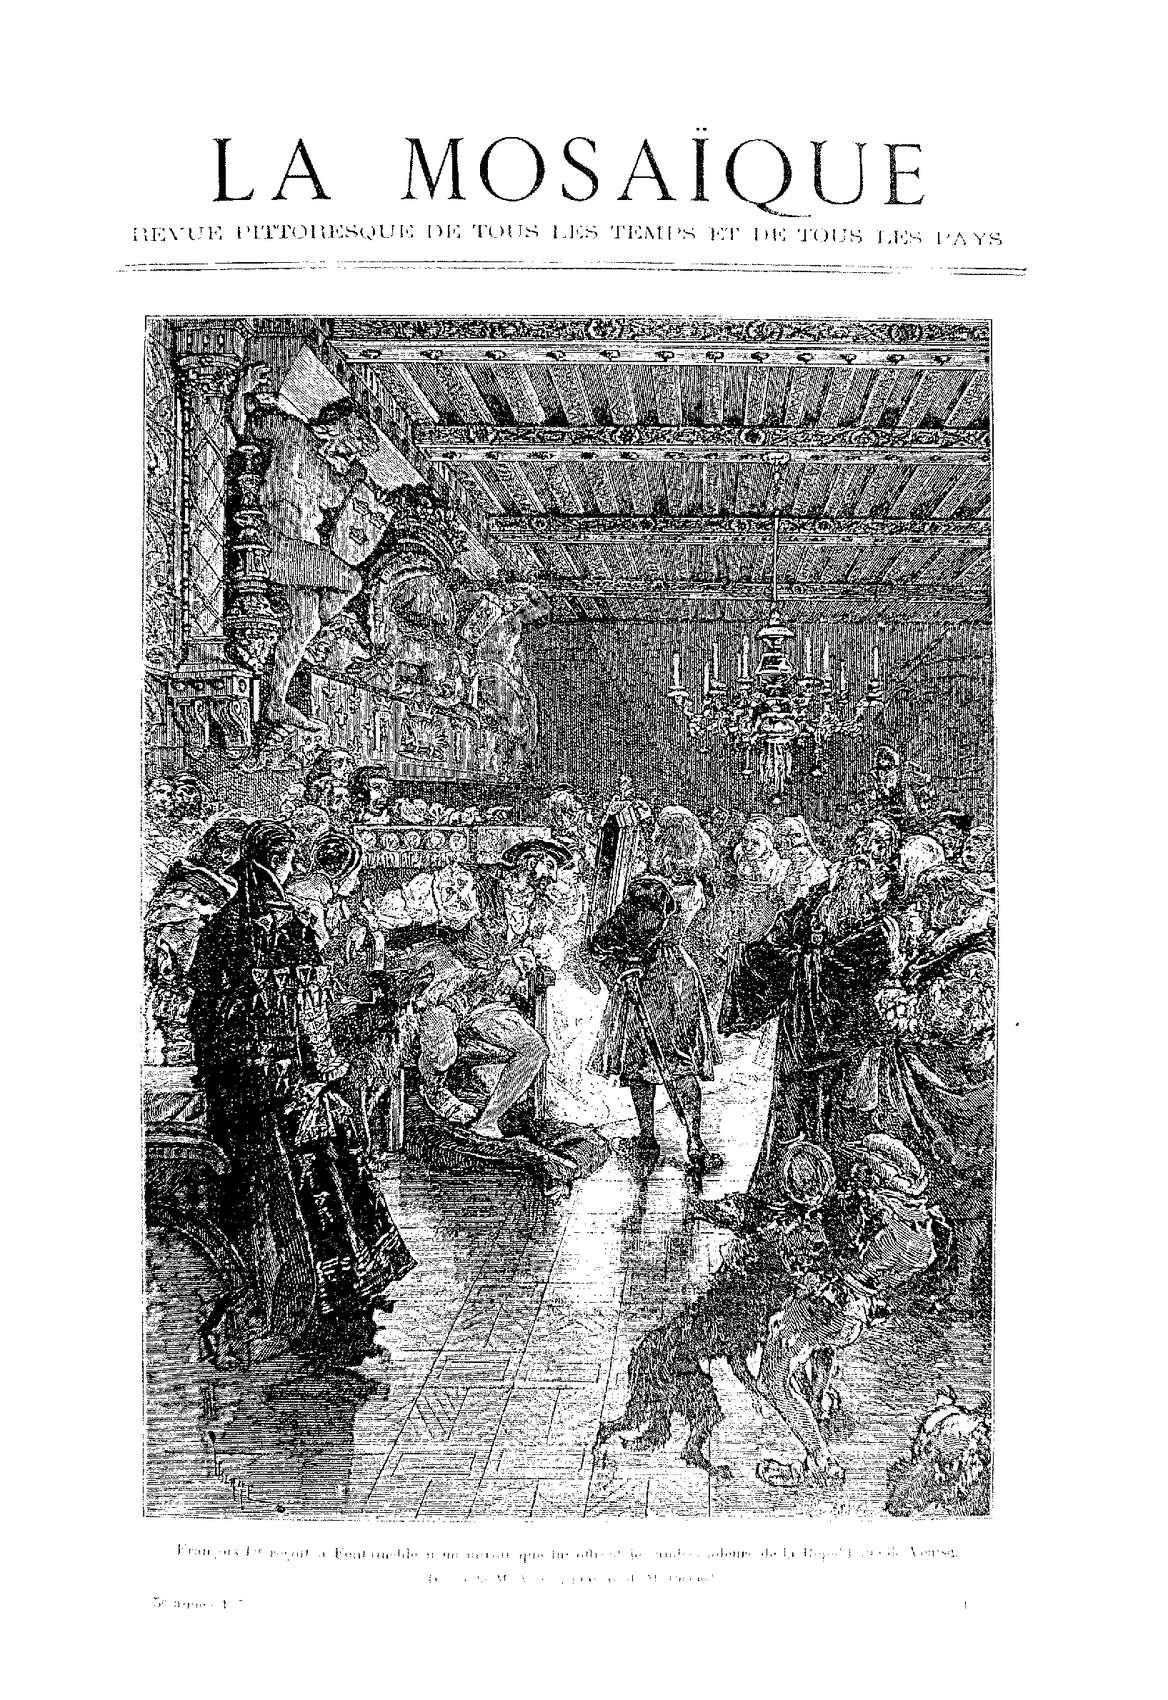 Calaméo - - La Mosaïque 1877 2 -. 7cfd115de84